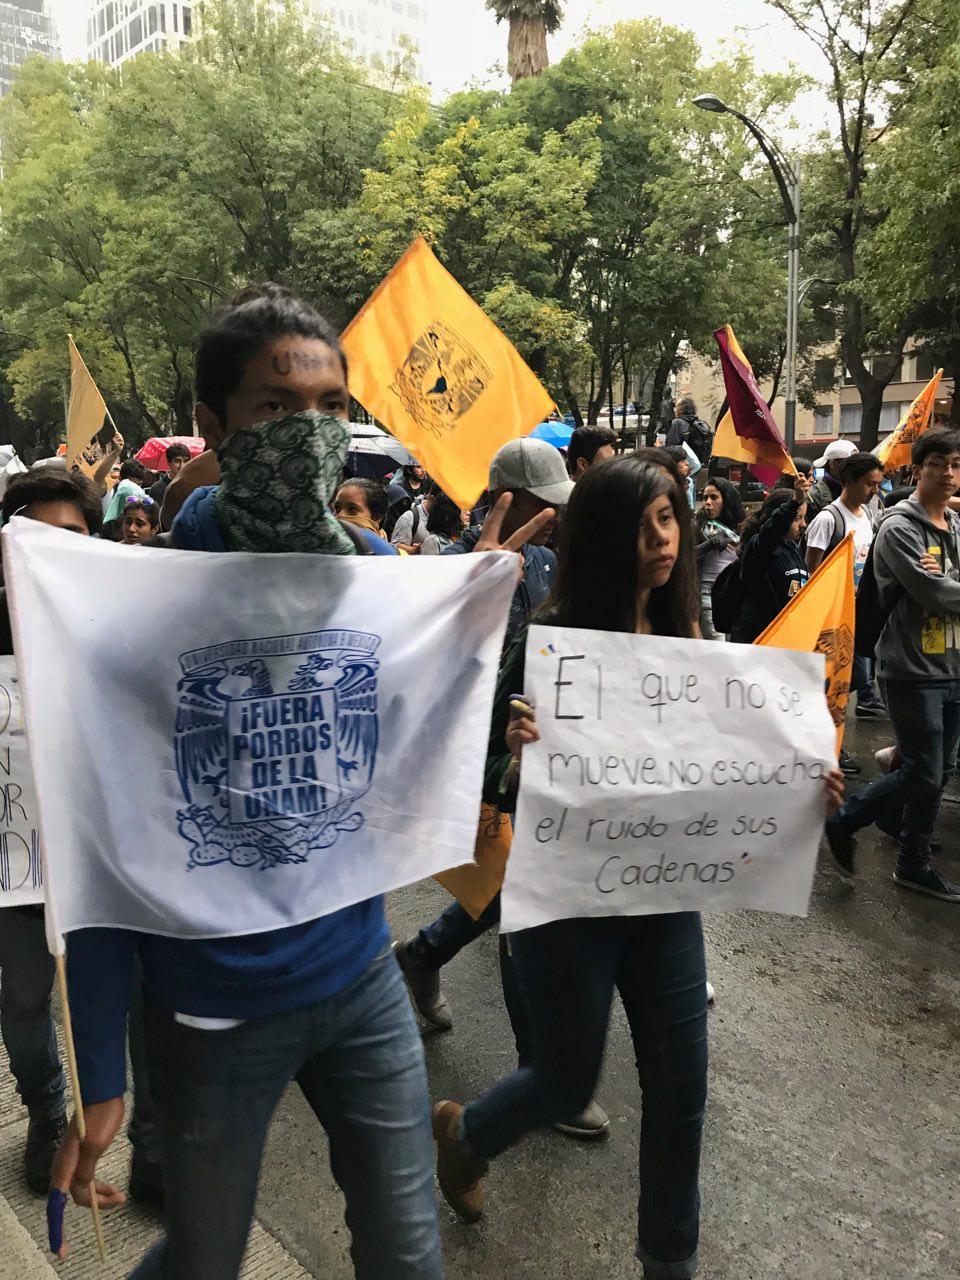 Marcha-hoy-13-septiembre-marcha-del-silencio-marchas-unam-2018